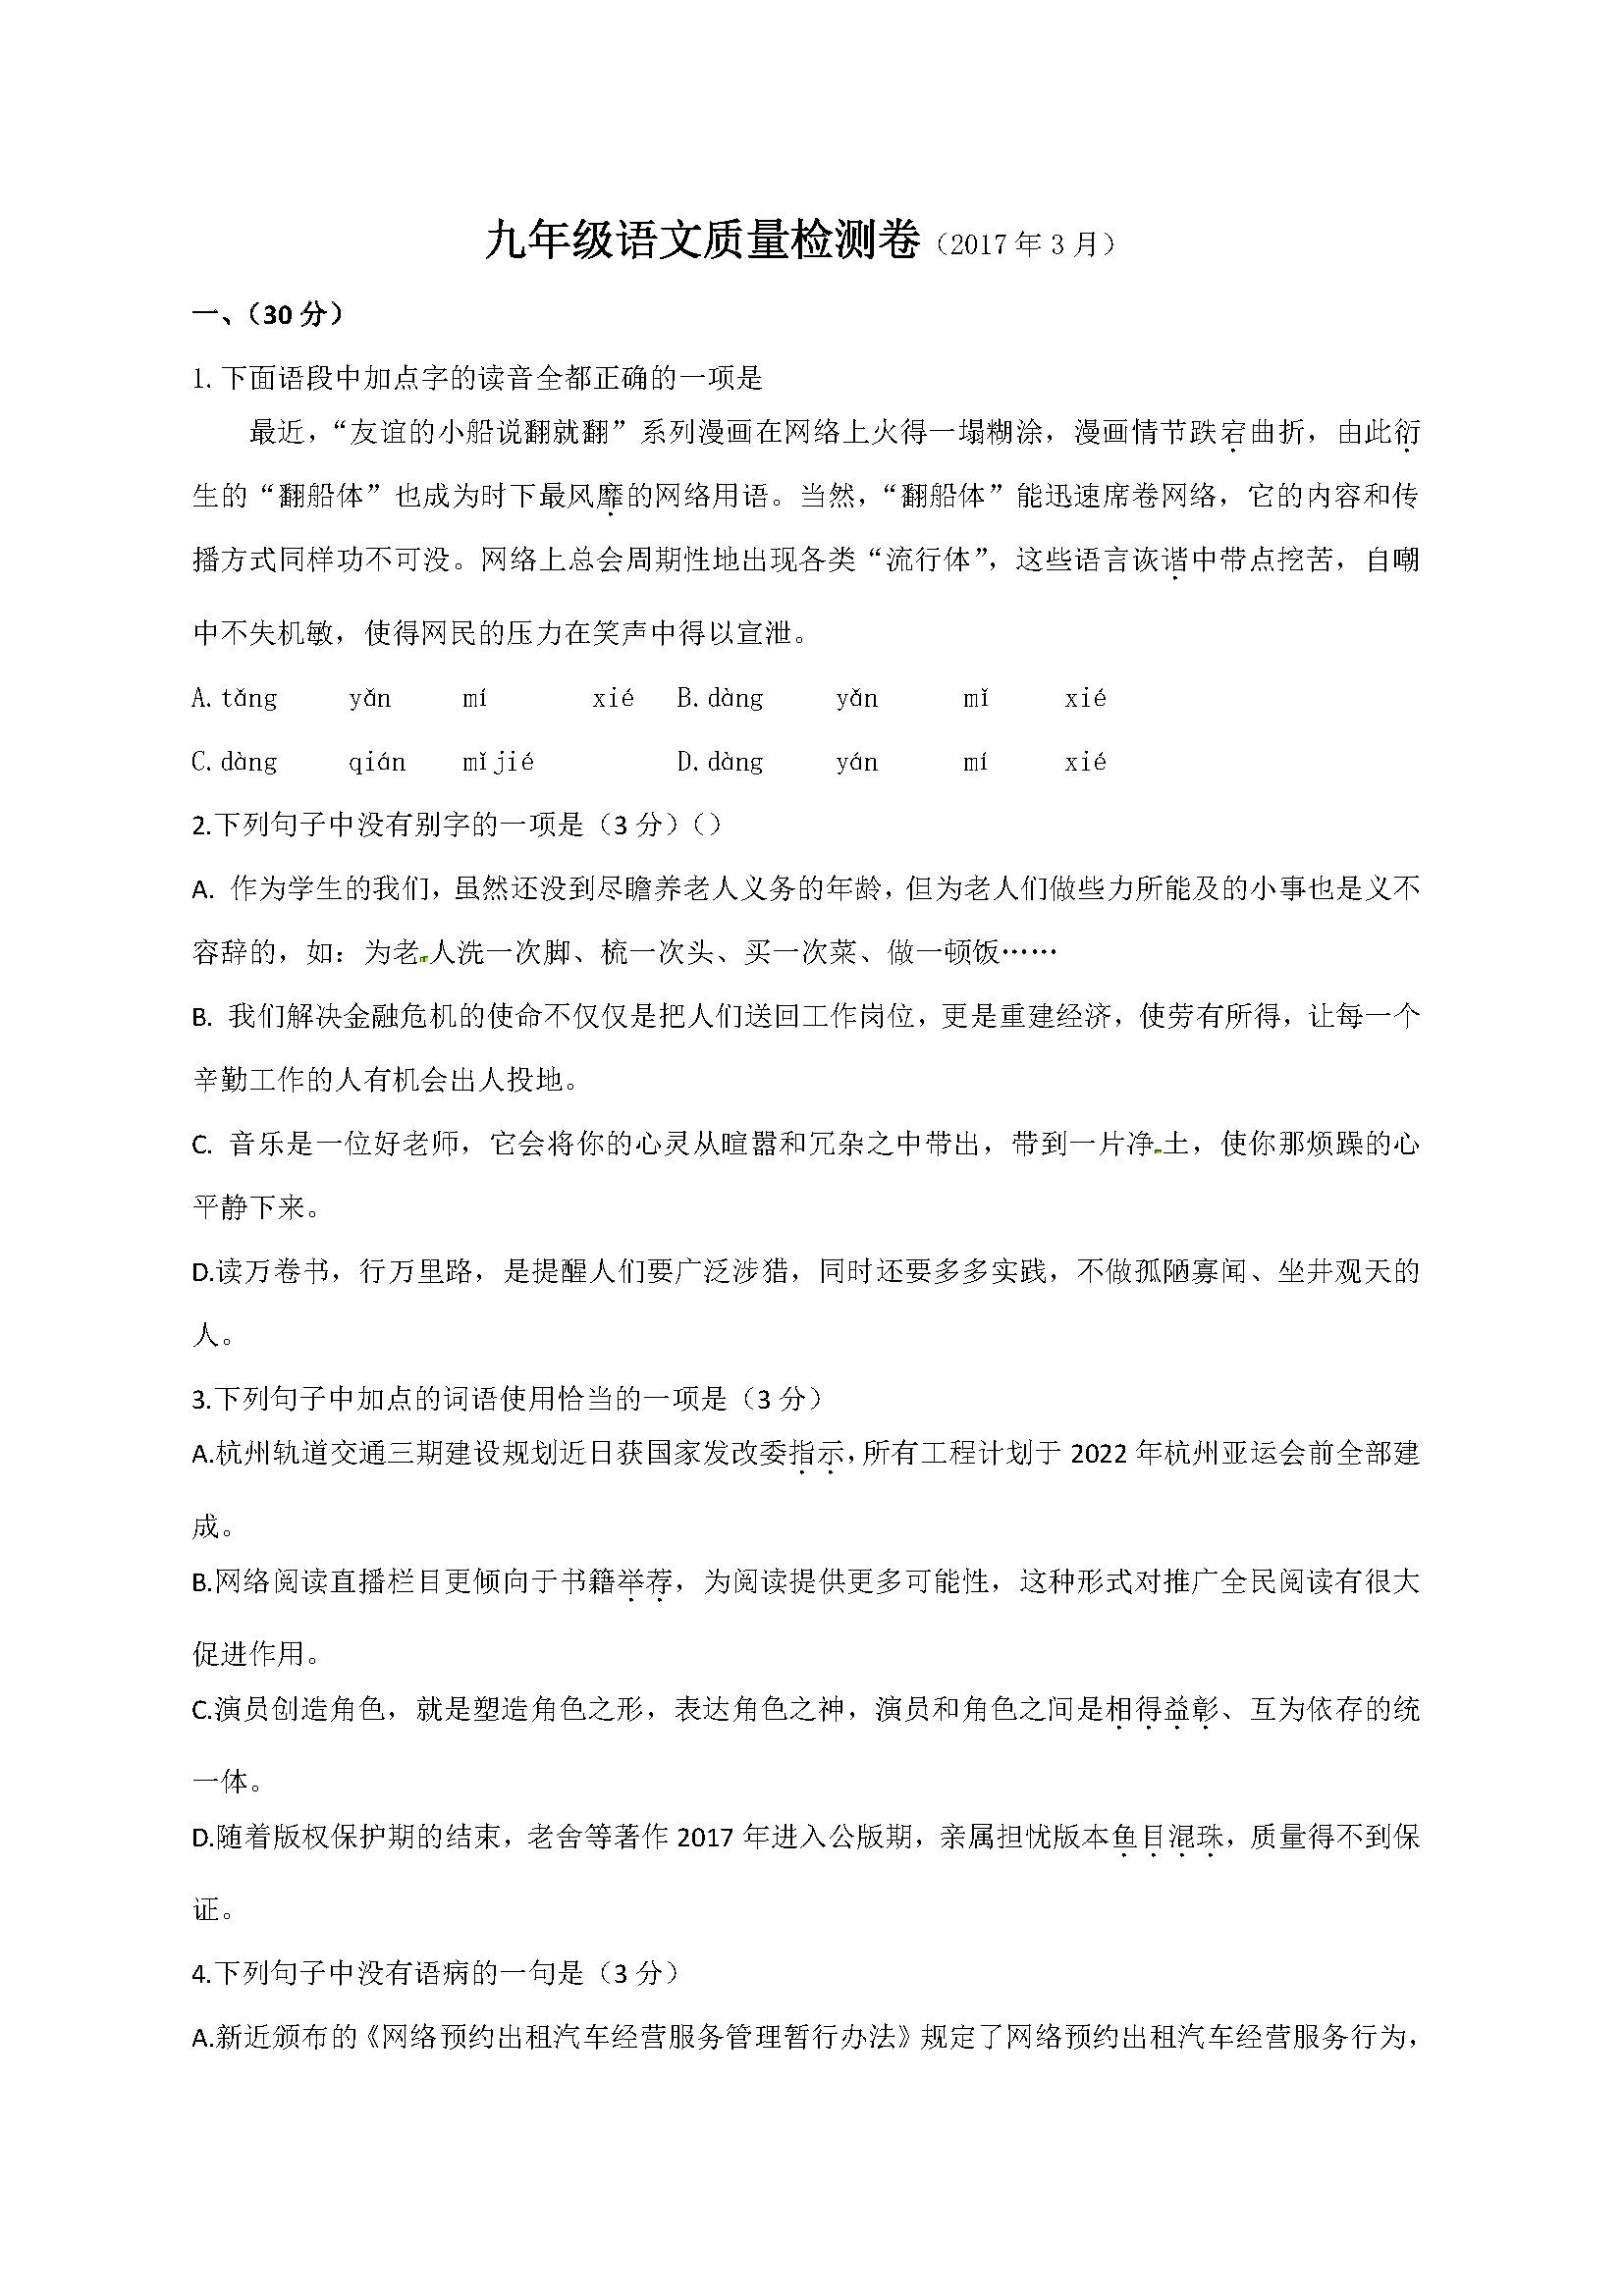 2017浙将杭州萧山瓜沥片九年级3月模拟语文试题(Word版)